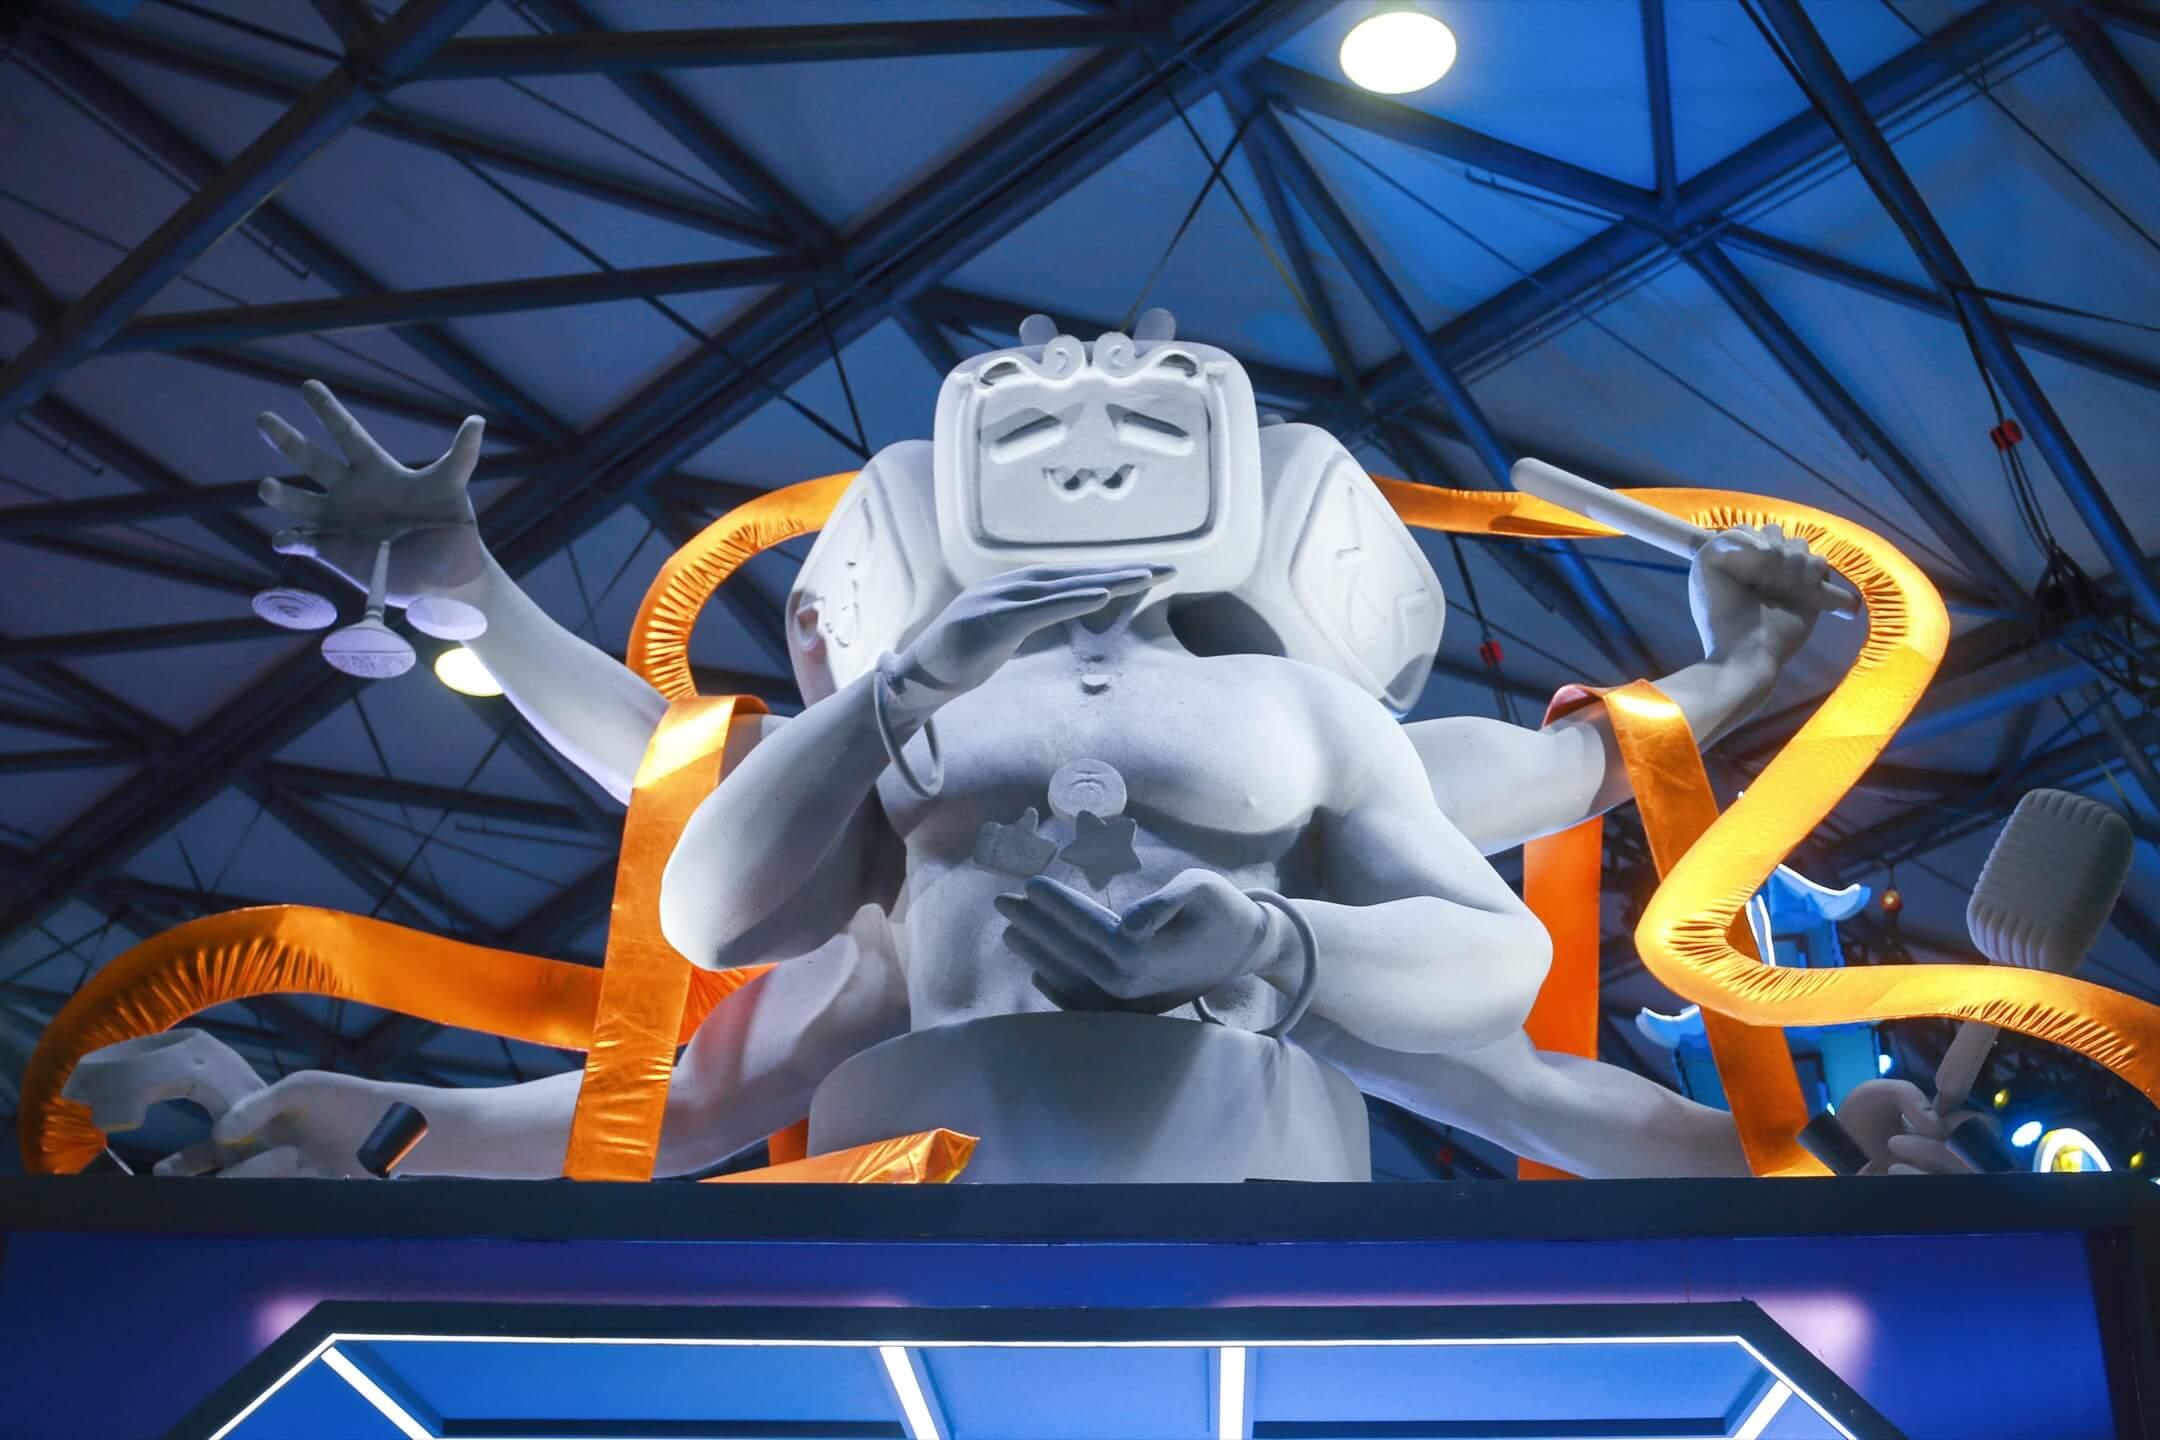 2021年7月30日,中國城市上海舉行第19屆中國國際數碼互動娛樂展覽會,網上影片平台Bilibili參展。 攝:Chen Yuyu/VCG via Getty Images